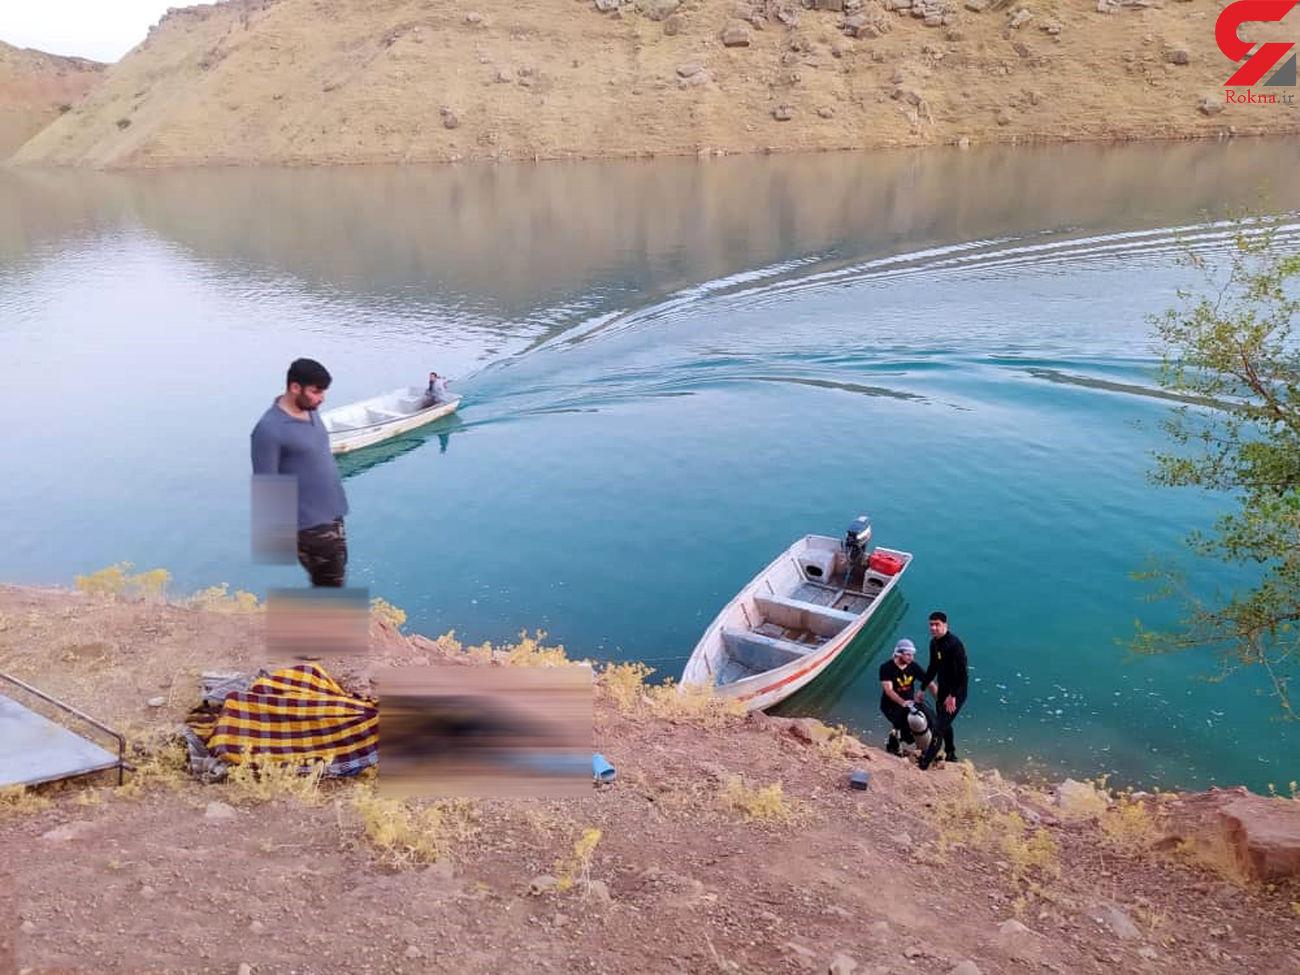 خودکشی عاشقانه دختر و پسر شوشتری در سد گتوند / با ماشین زیر آب رفتند + عکس ها